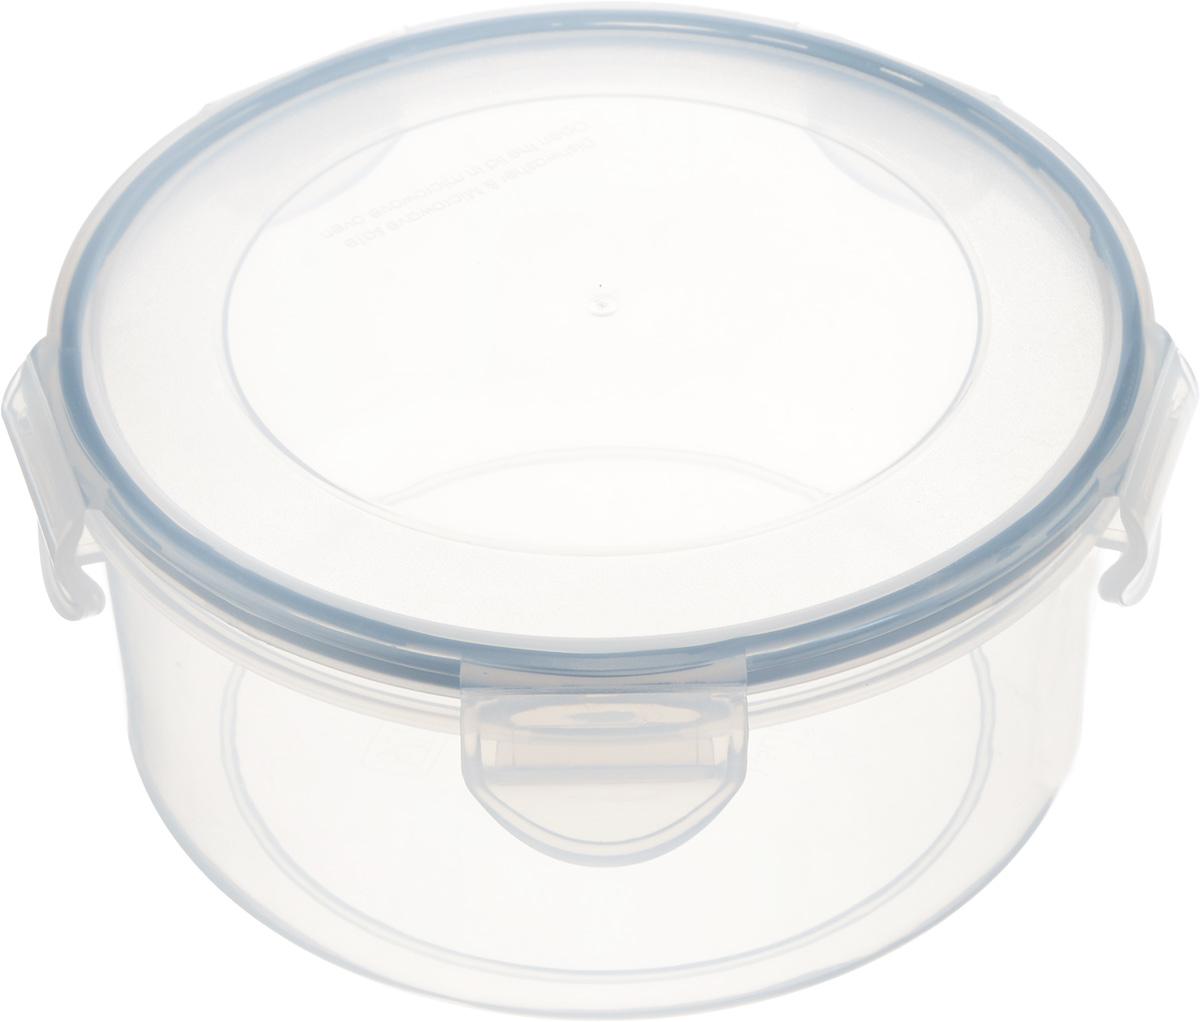 Контейнер Tescoma Freshbox, круглый, 1,5л892114Круглый контейнер Tescoma Freshbox изготовлен из высококачественного пластика. Изделие идеально подходит не только для хранения, но и для транспортировки пищи. Контейнер имеет крышку, которая плотно закрывается на 5 защелок и оснащена специальной силиконовой прослойкой. Изделие подходит для домашнего использования, для пикников, поездок, отдыха на природе, его можно взять с собой на работу или учебу. Можно использовать в СВЧ-печах, холодильниках и морозильных камерах. Можно мыть в посудомоечной машине.Диаметр контейнера (без учета крышки): 17 см. Высота контейнера (без учета крышки): 8 см.